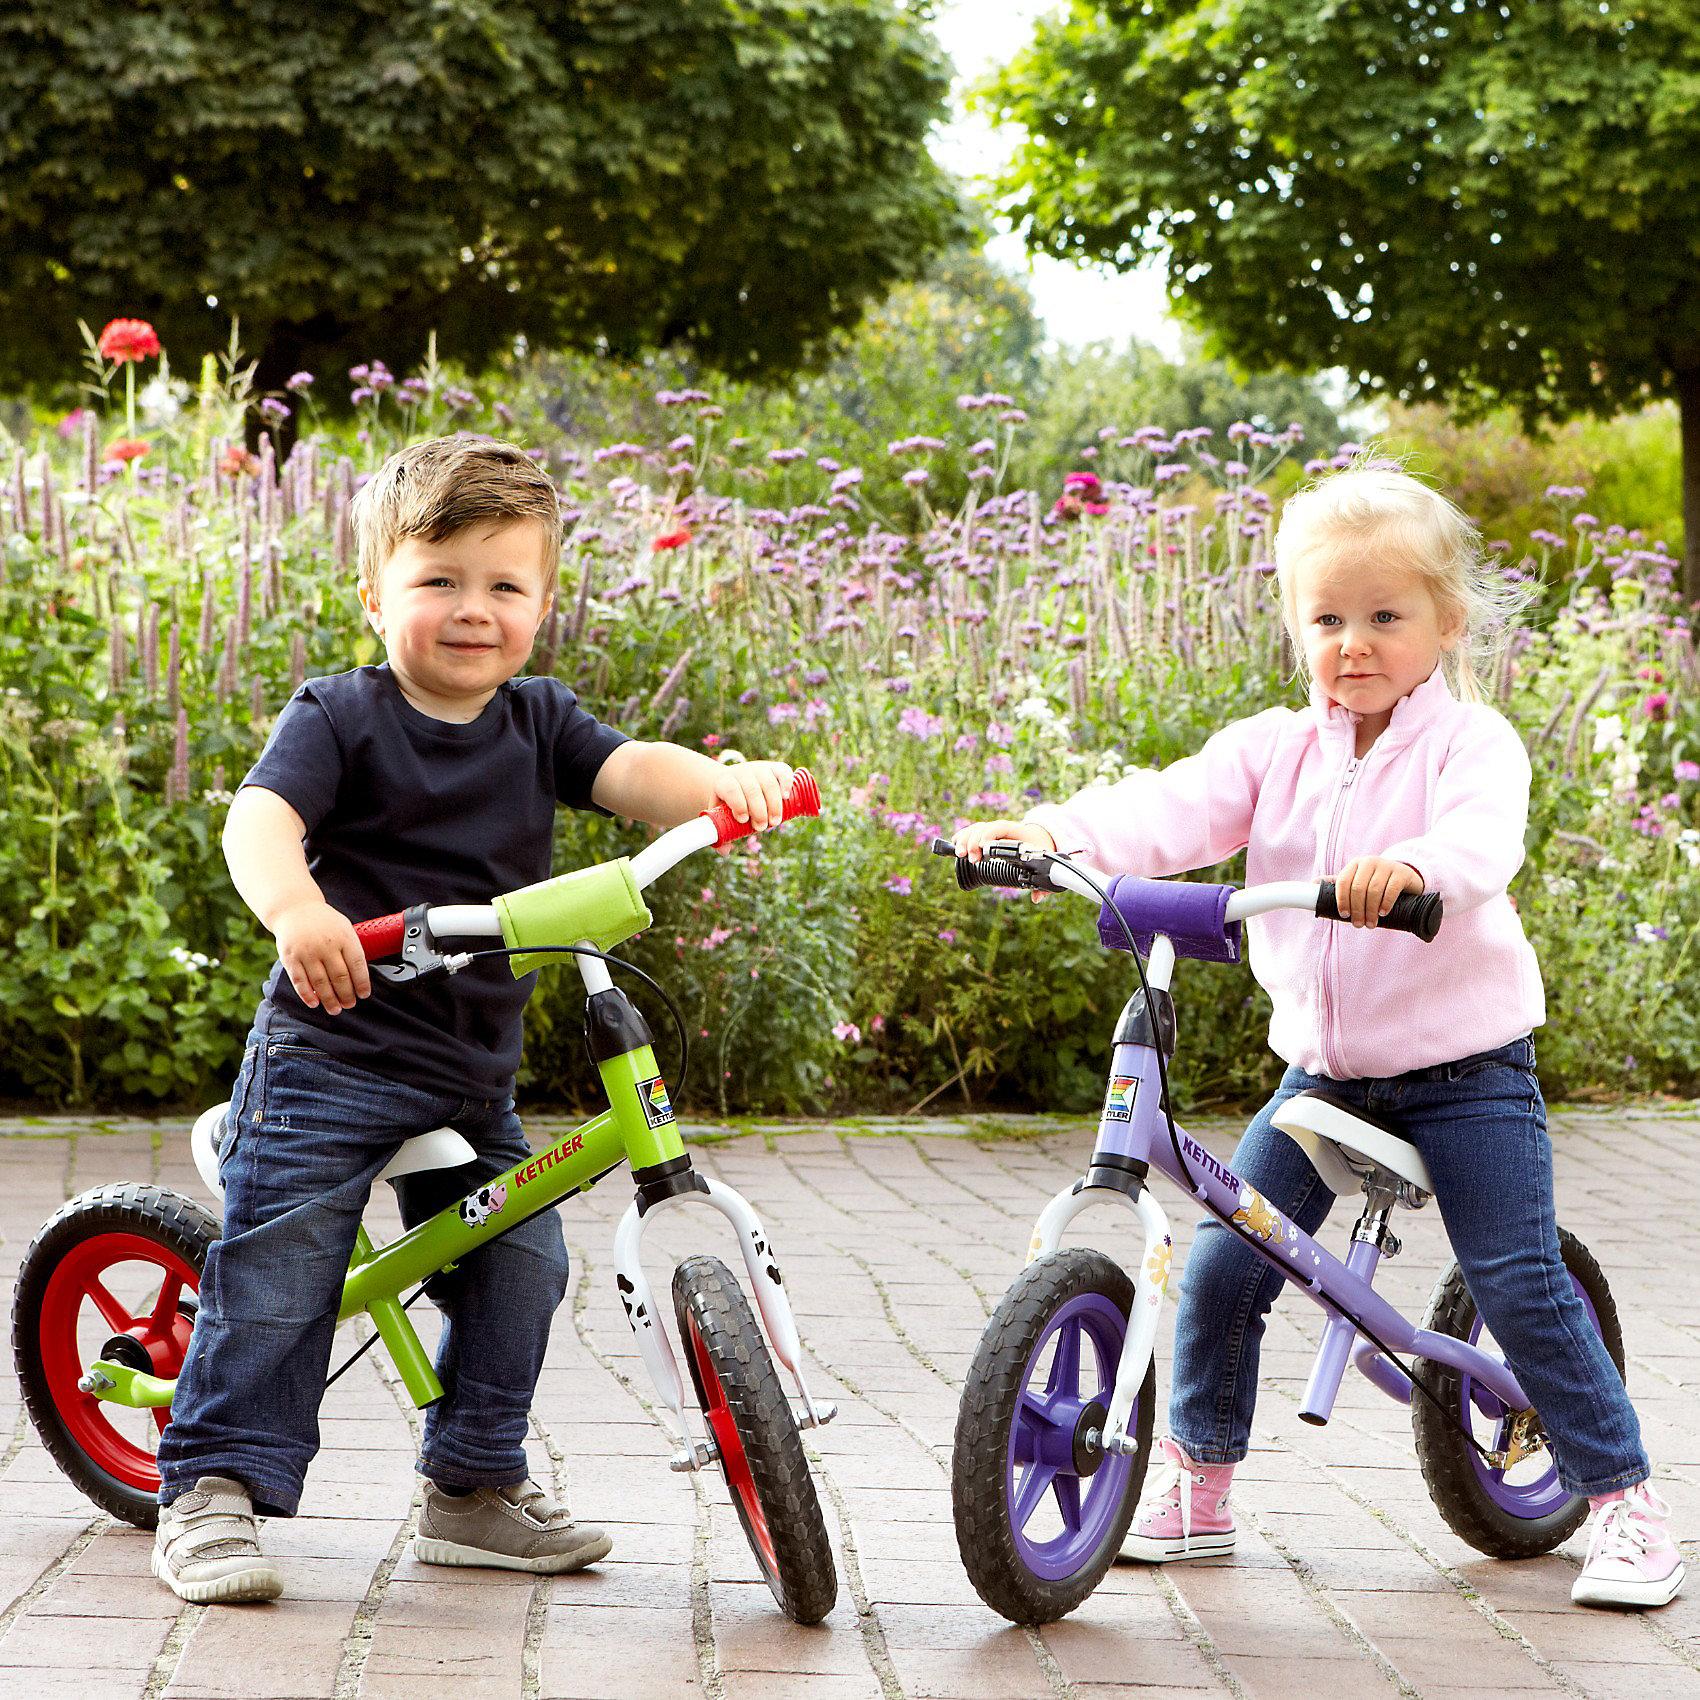 Беговел для детей от 2 лет: как выбрать велосипед без колес - рейтинг и обзор | покупки | vpolozhenii.com